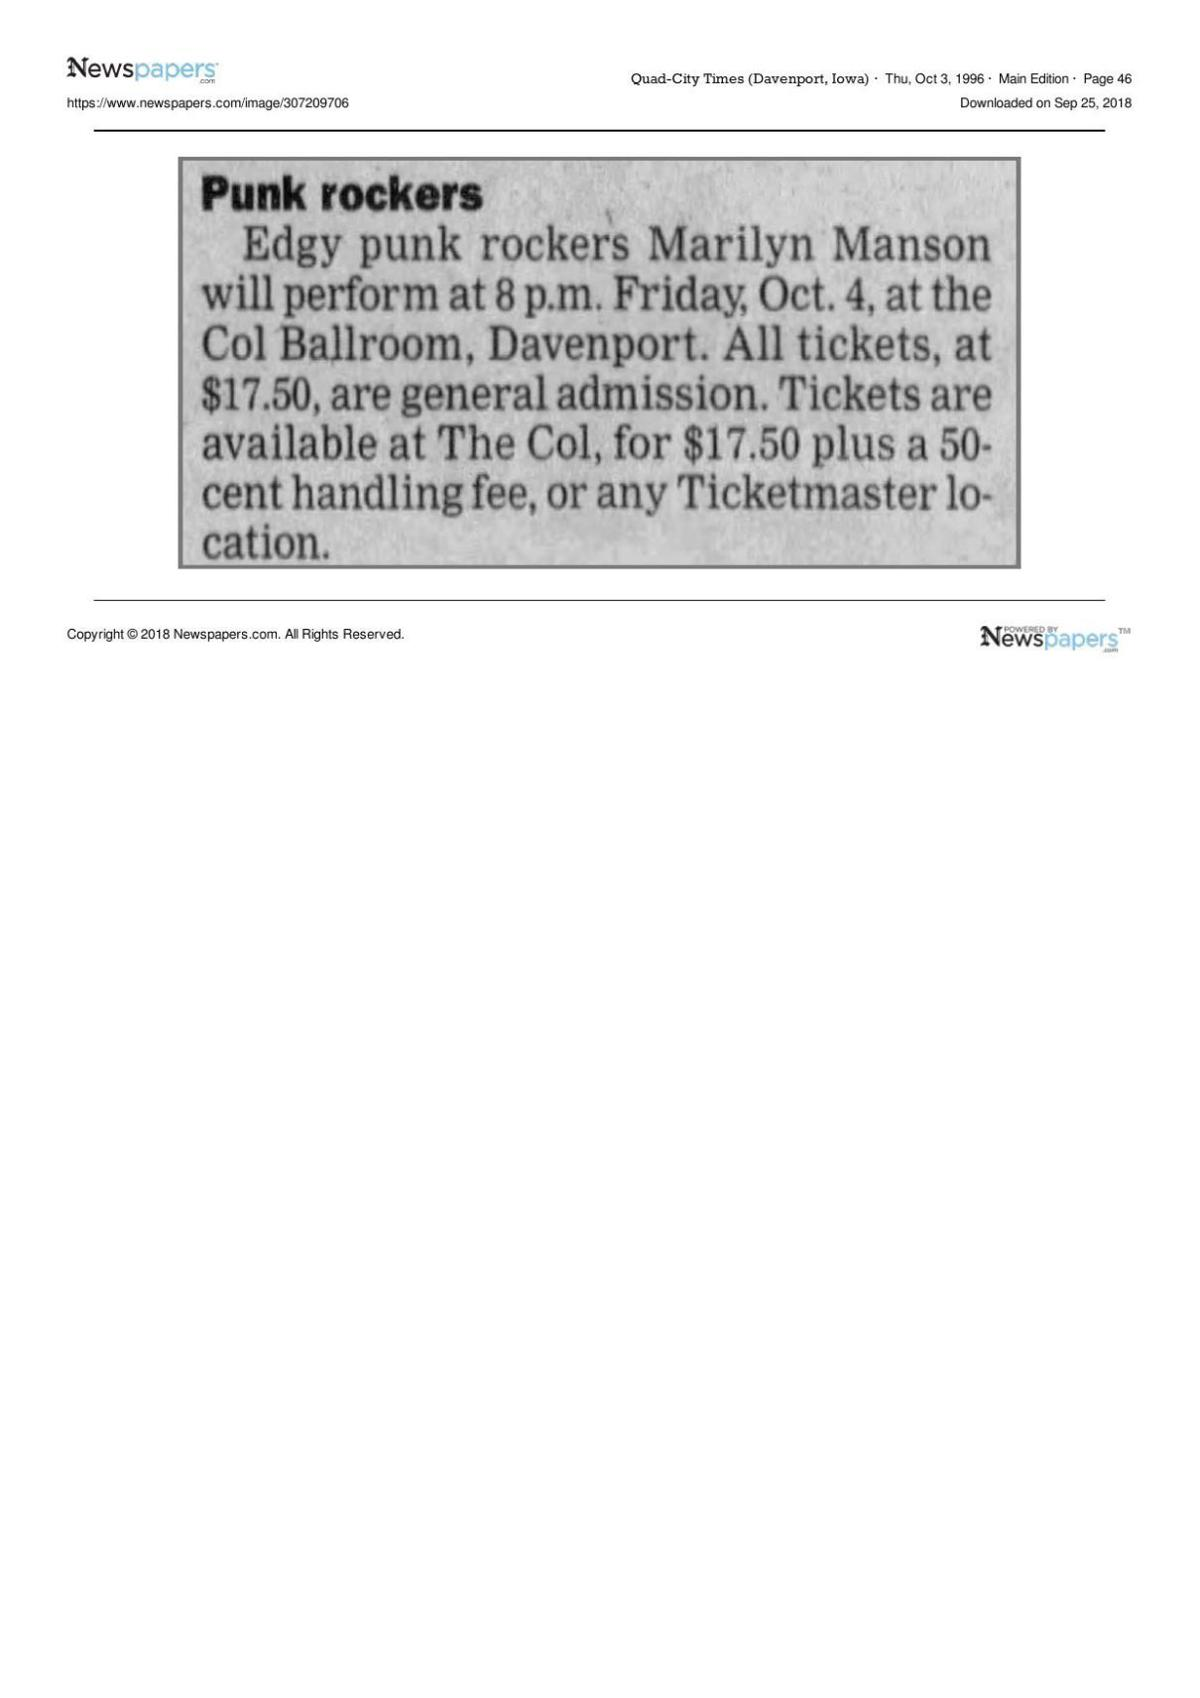 Oct. 3, 1996